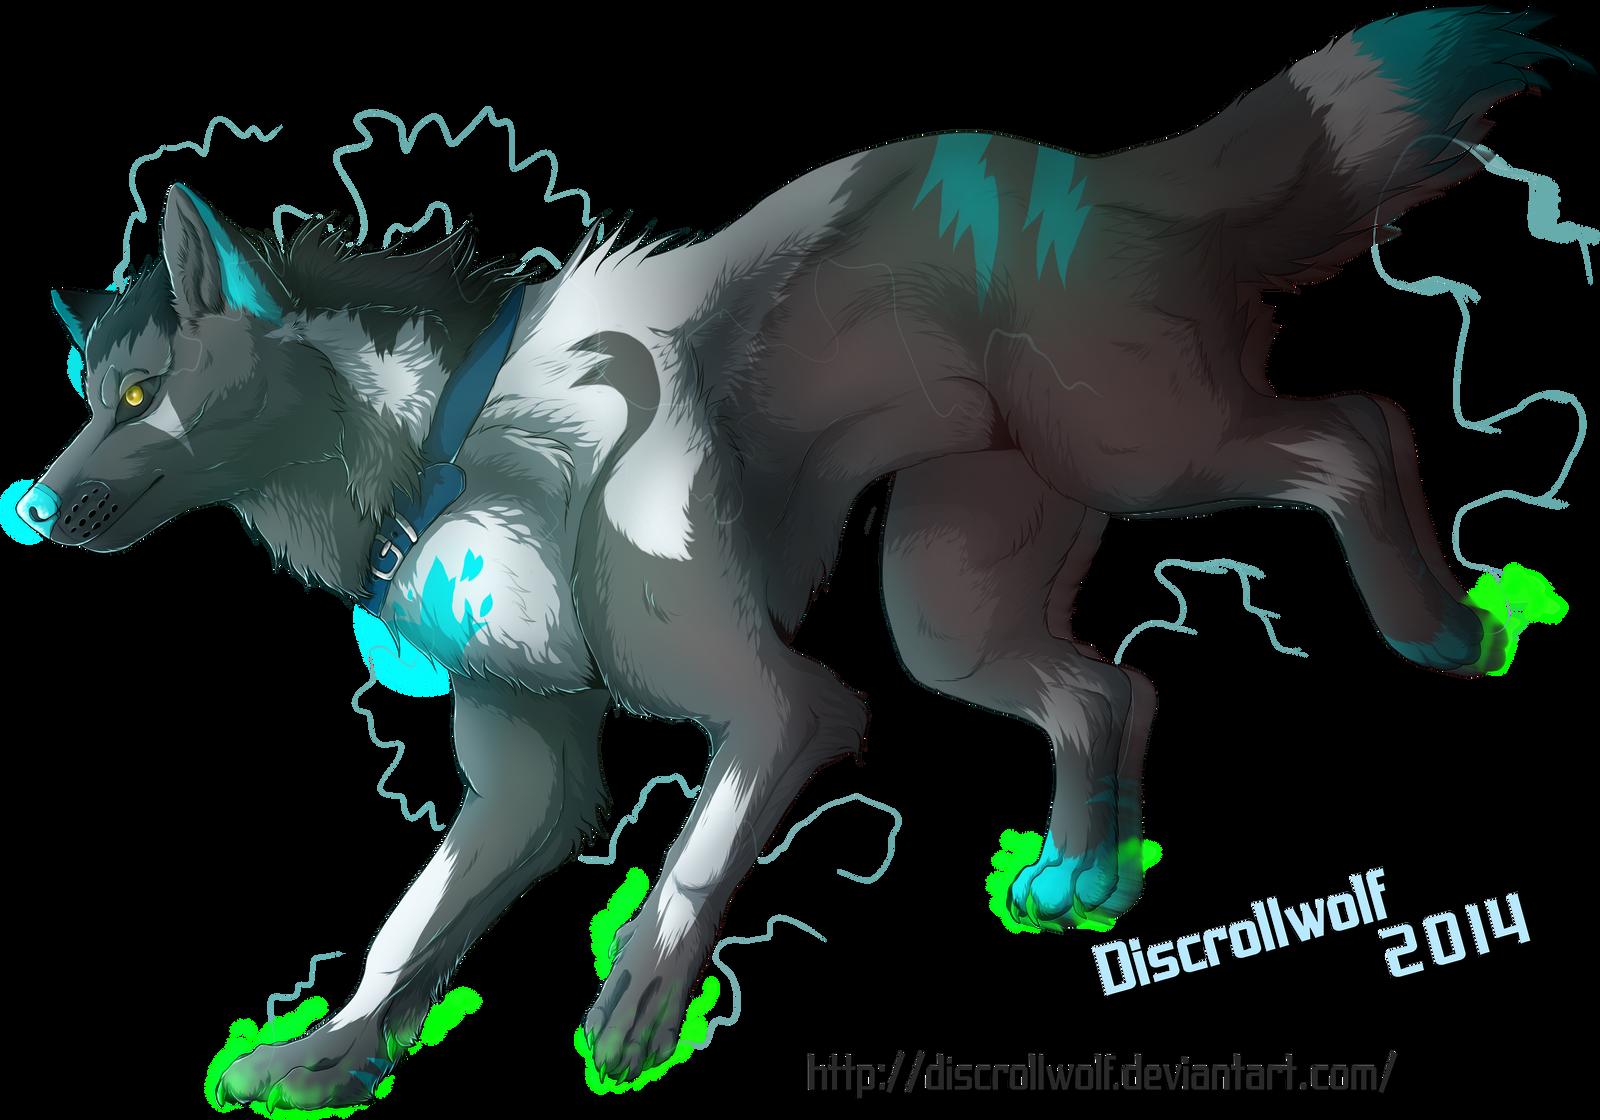 Hoogam by Discrollwolf